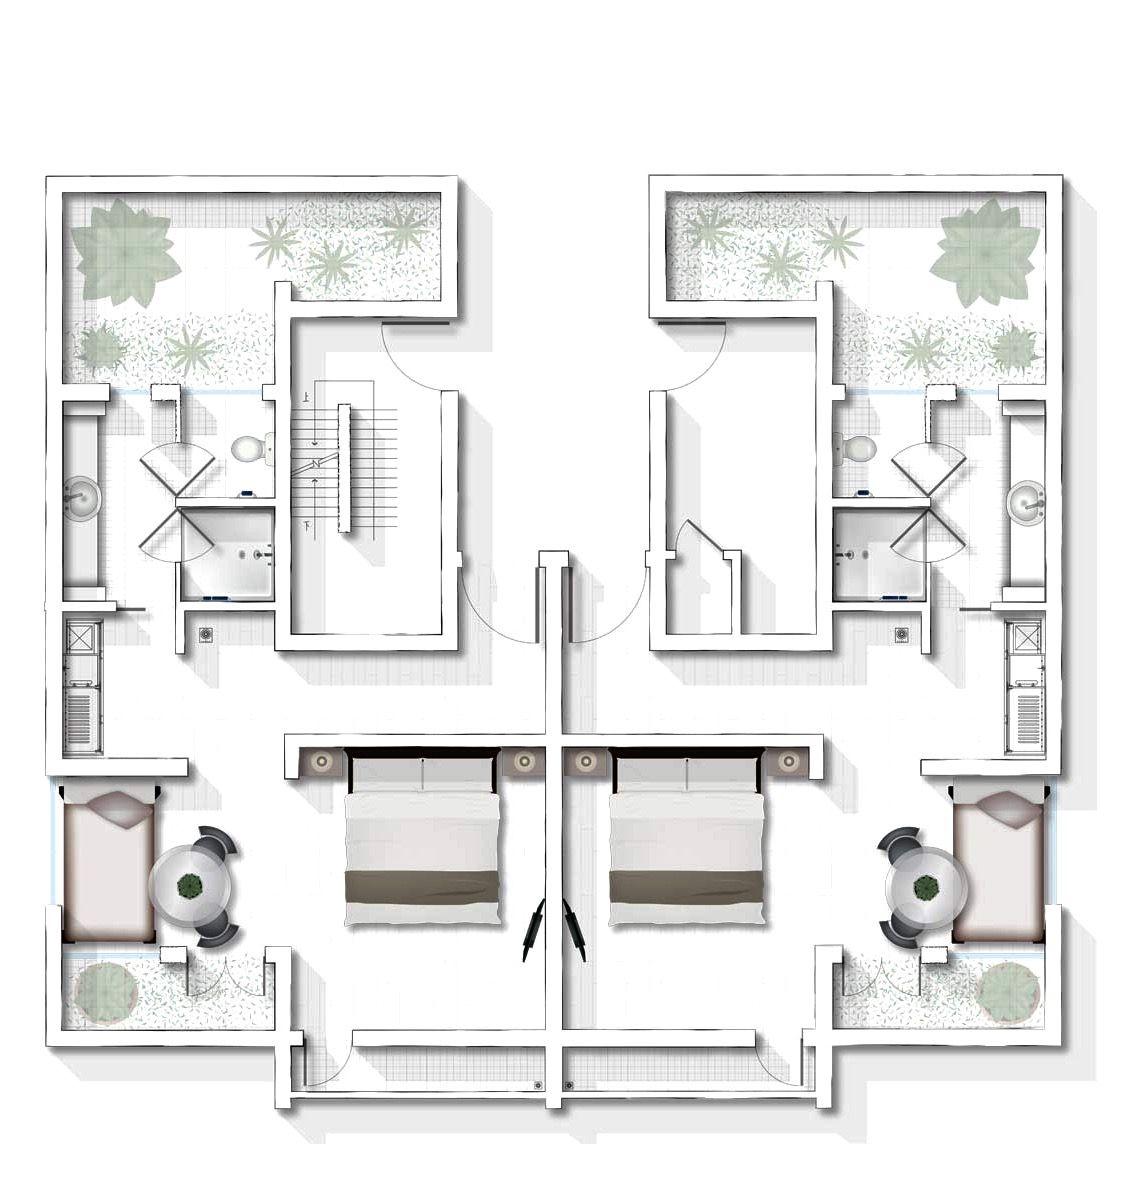 Alila Villa Anji Lake View Room 69 sq m / 743 sq.ft. | Plan/layout ...